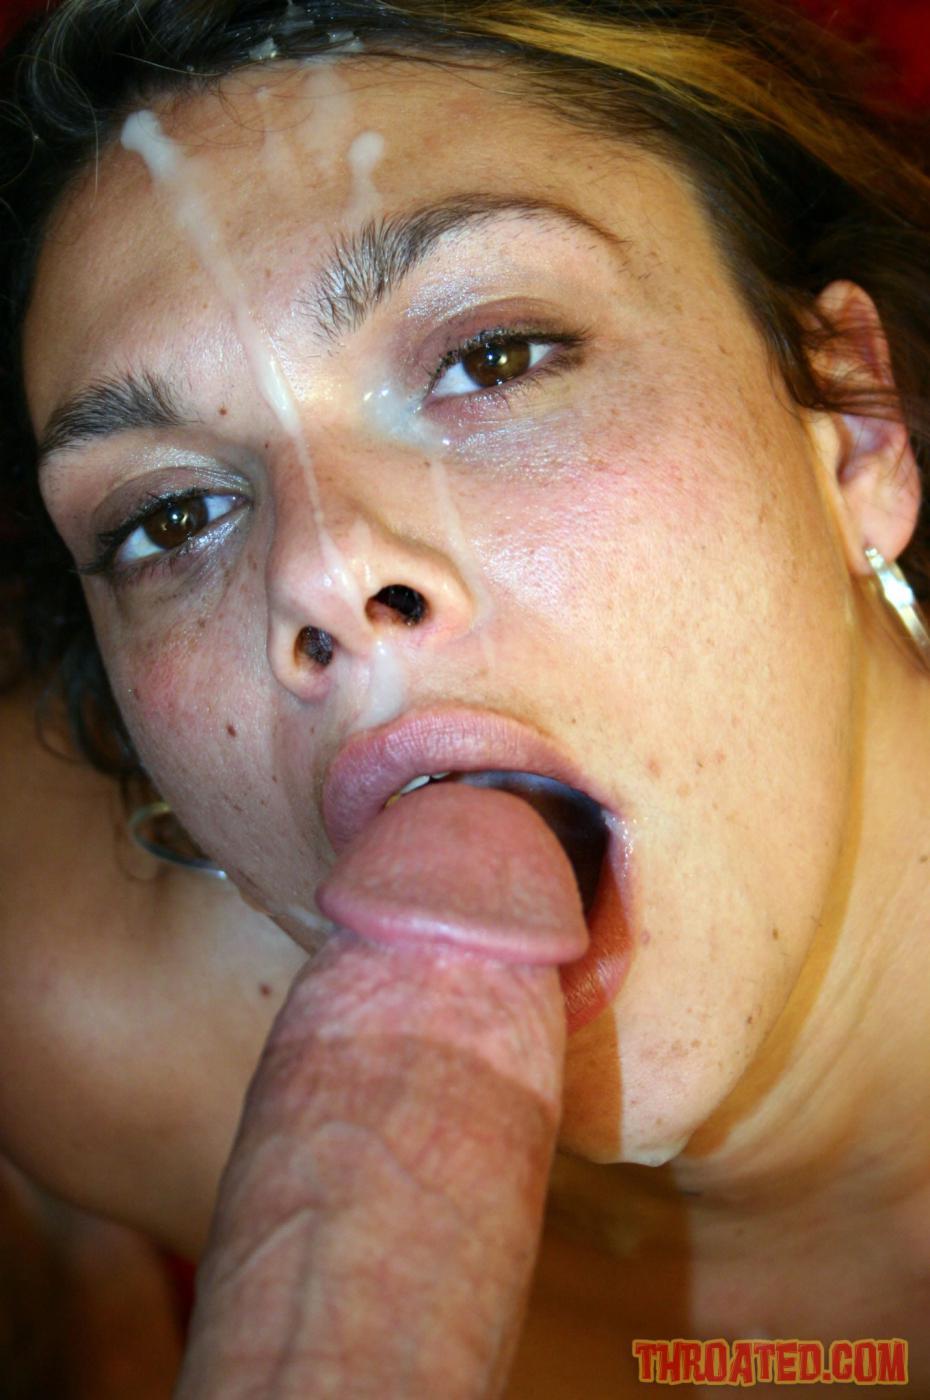 Isabella Stanza подставила лицо под фонтаны спермы после глубокой работы ртом и растопыривает свои ноги. Порно Isabella.